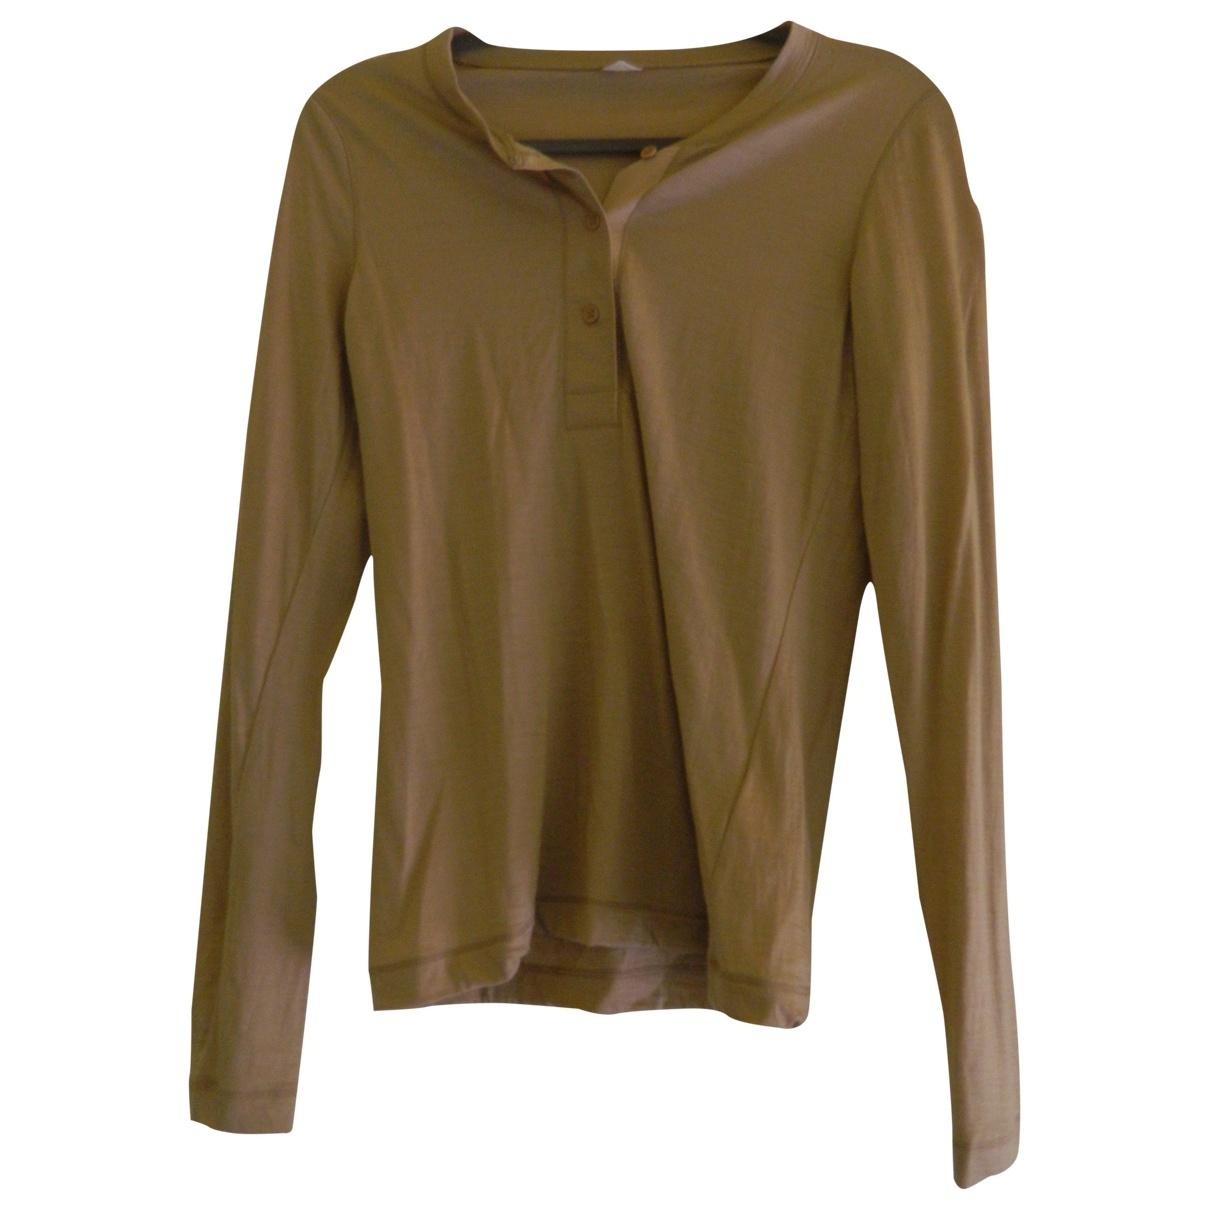 Arket \N Beige Wool  top for Women S International